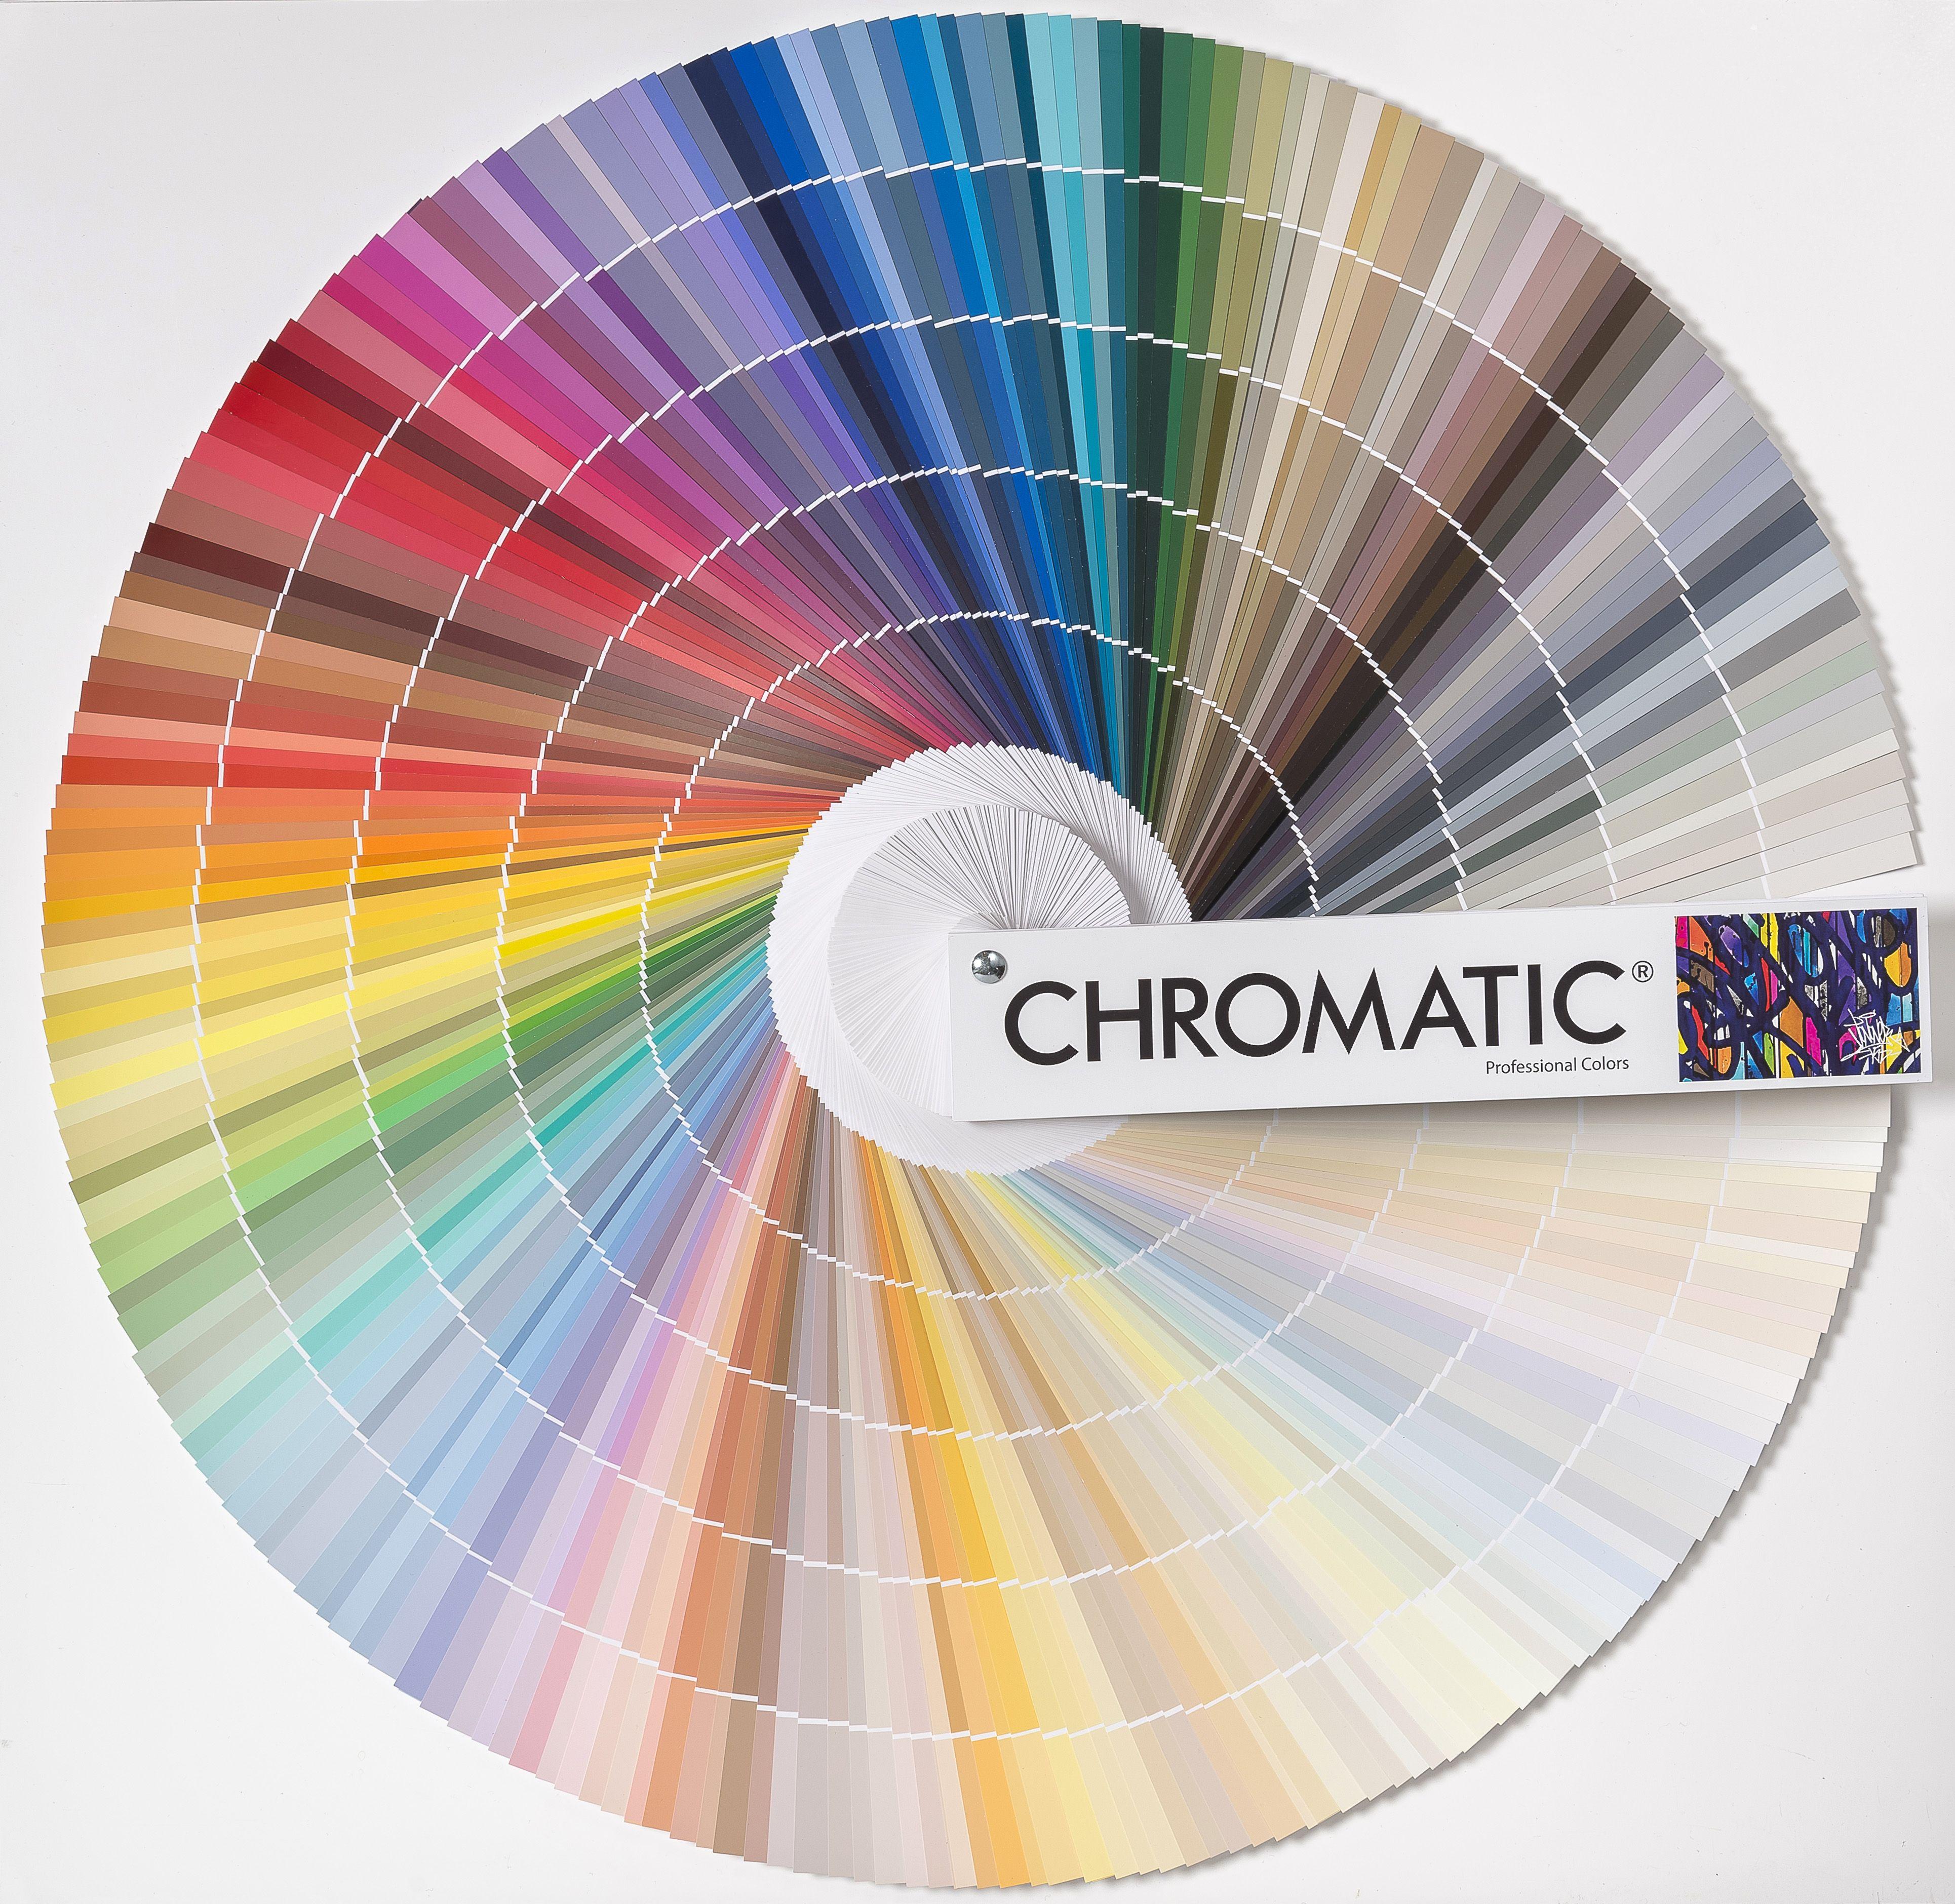 Le Nuancier Chromatic 1 170 Teintes Fondamentales Contemporaines Et Inspirantes Www Chromaticstore Com Nuancier Seigneurie Nuancier Nuancier Peinture